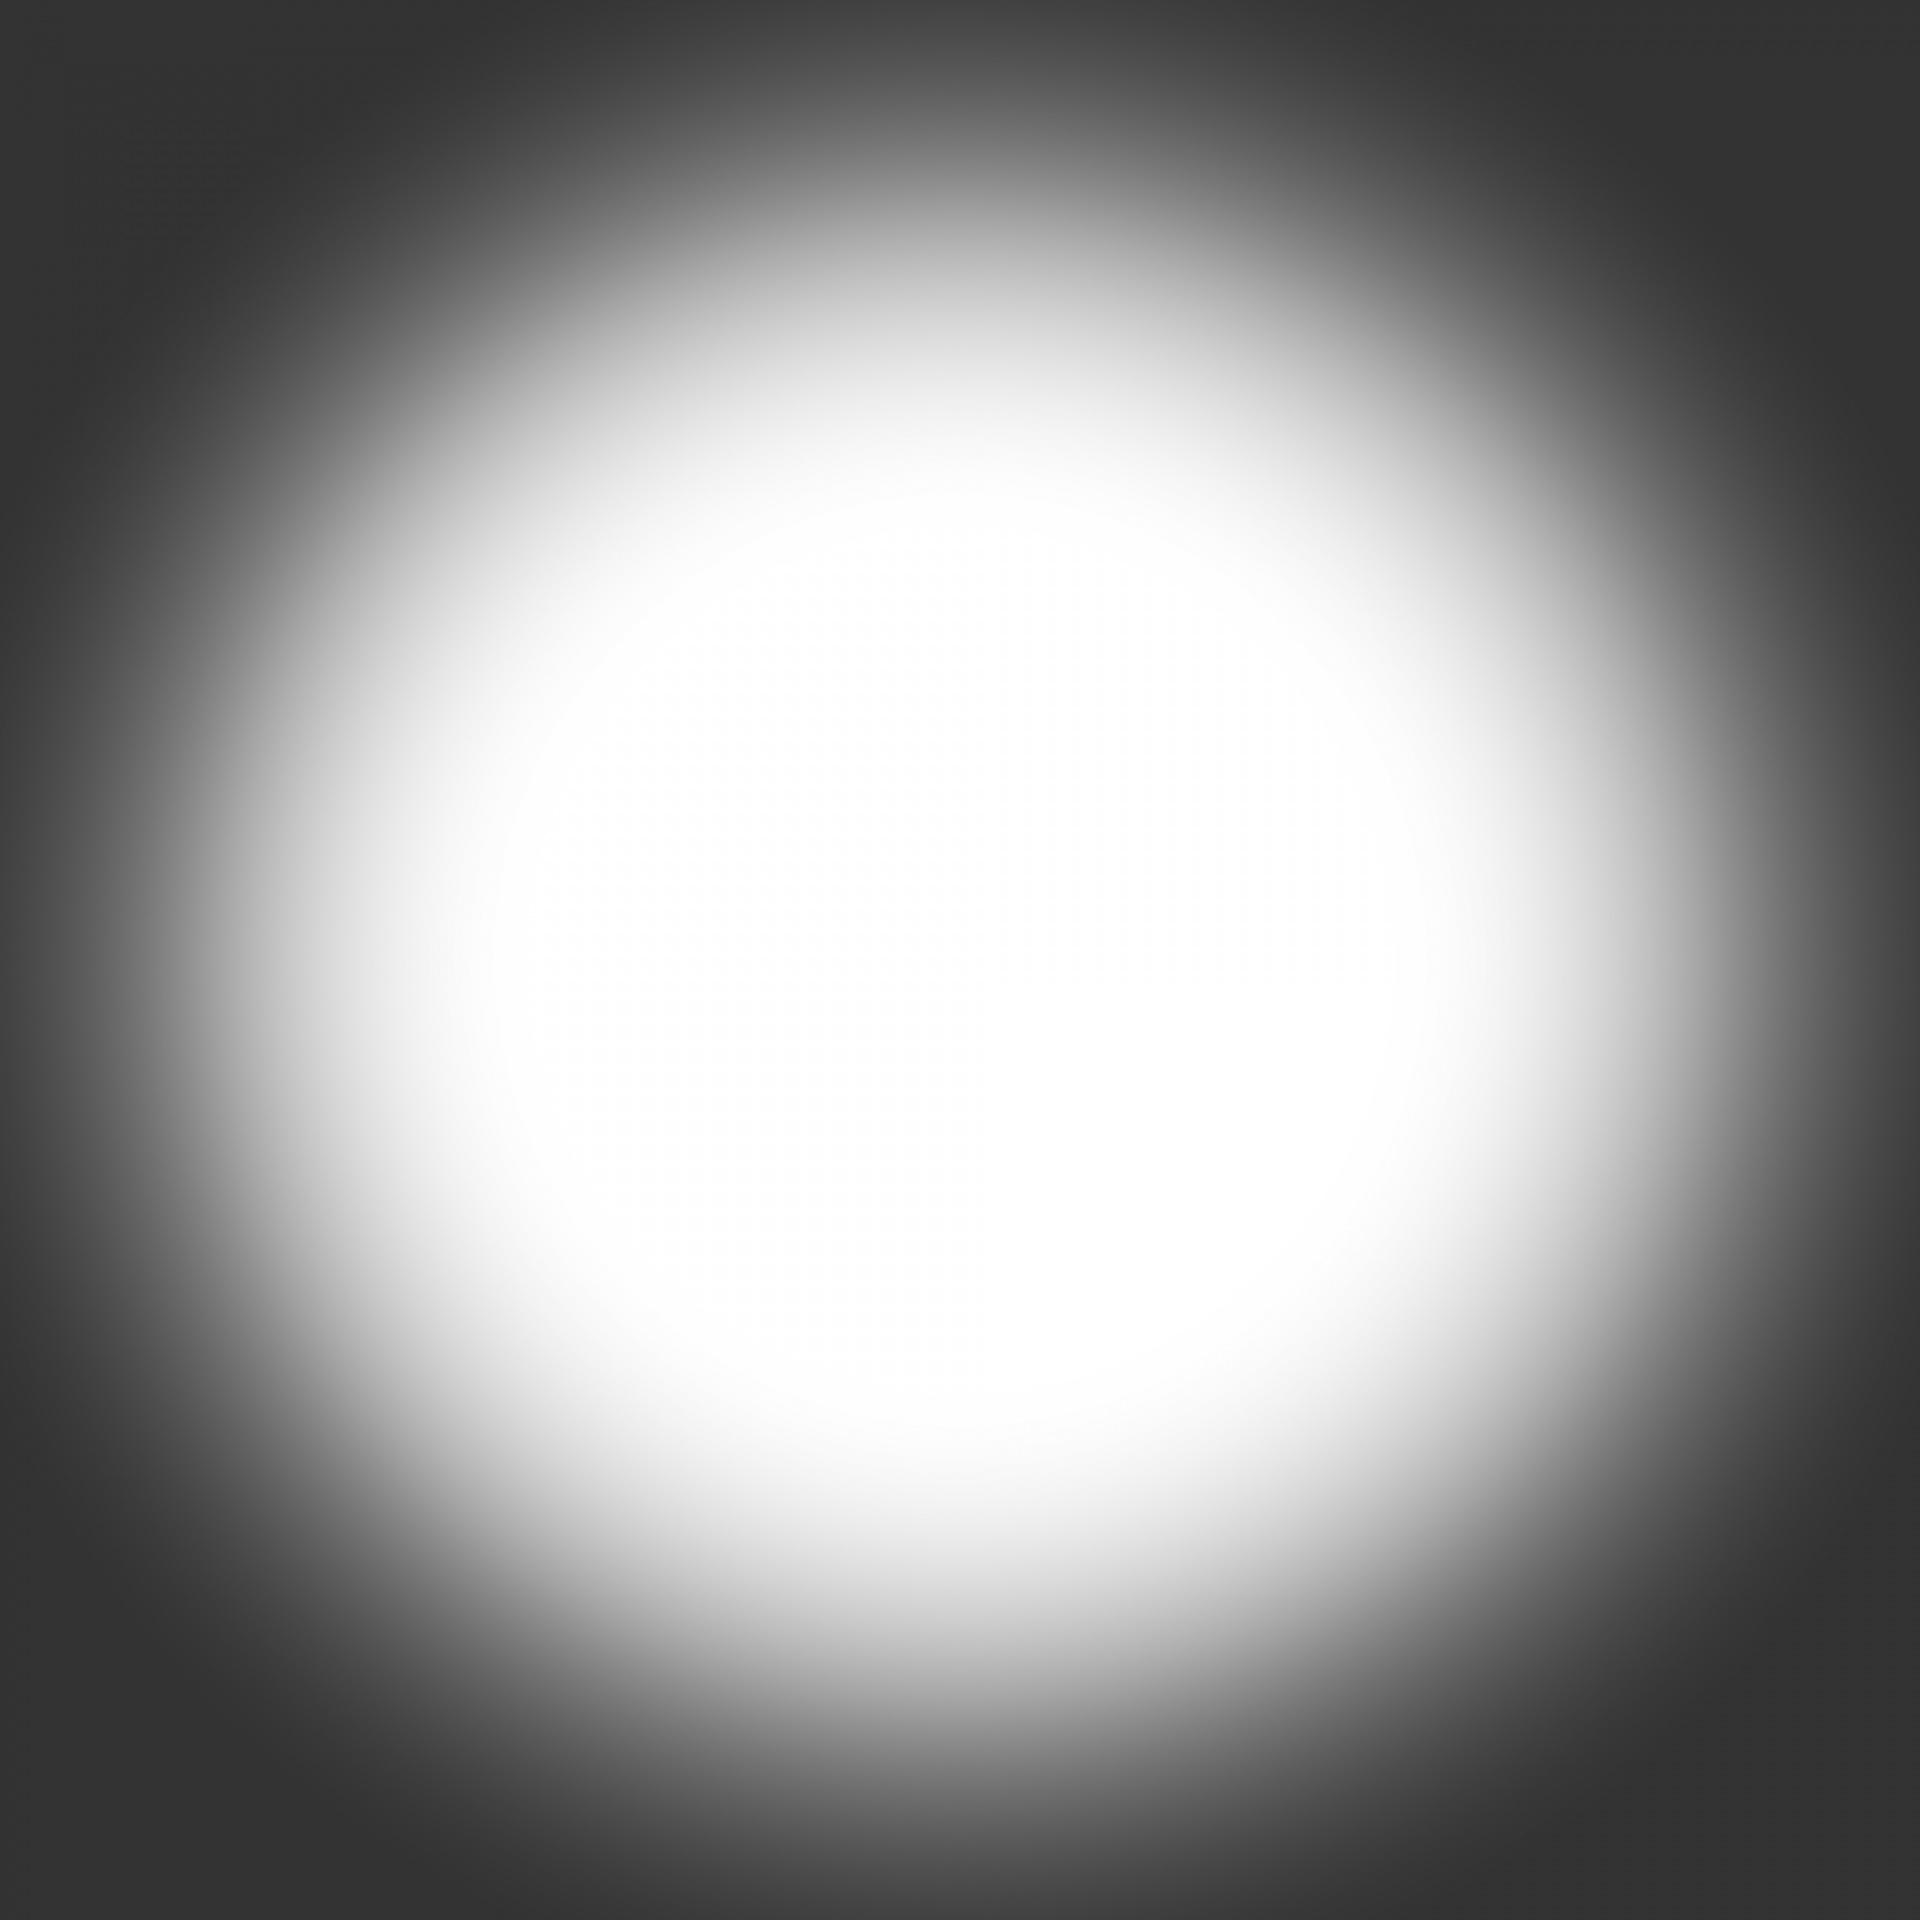 пришел фоторедактор с эффектом белых точек рулонных штор зависимости